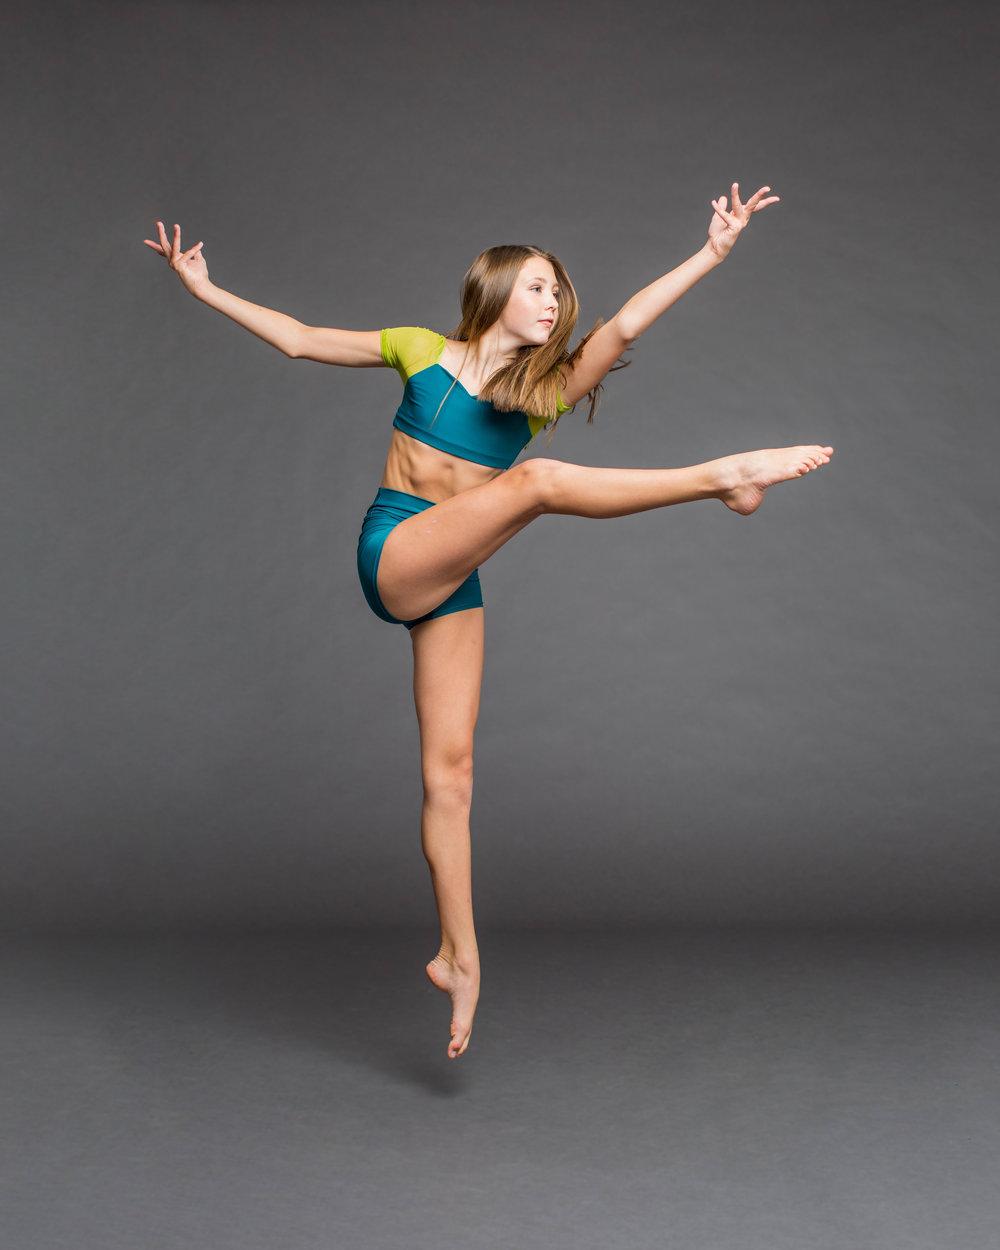 Chloe Stannard jump.jpg